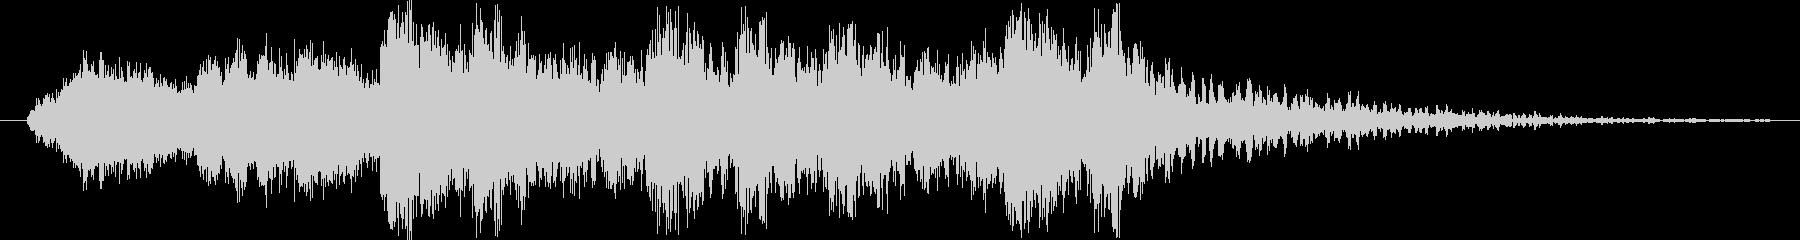 フルオーケストラの激しく壮大なロゴの未再生の波形